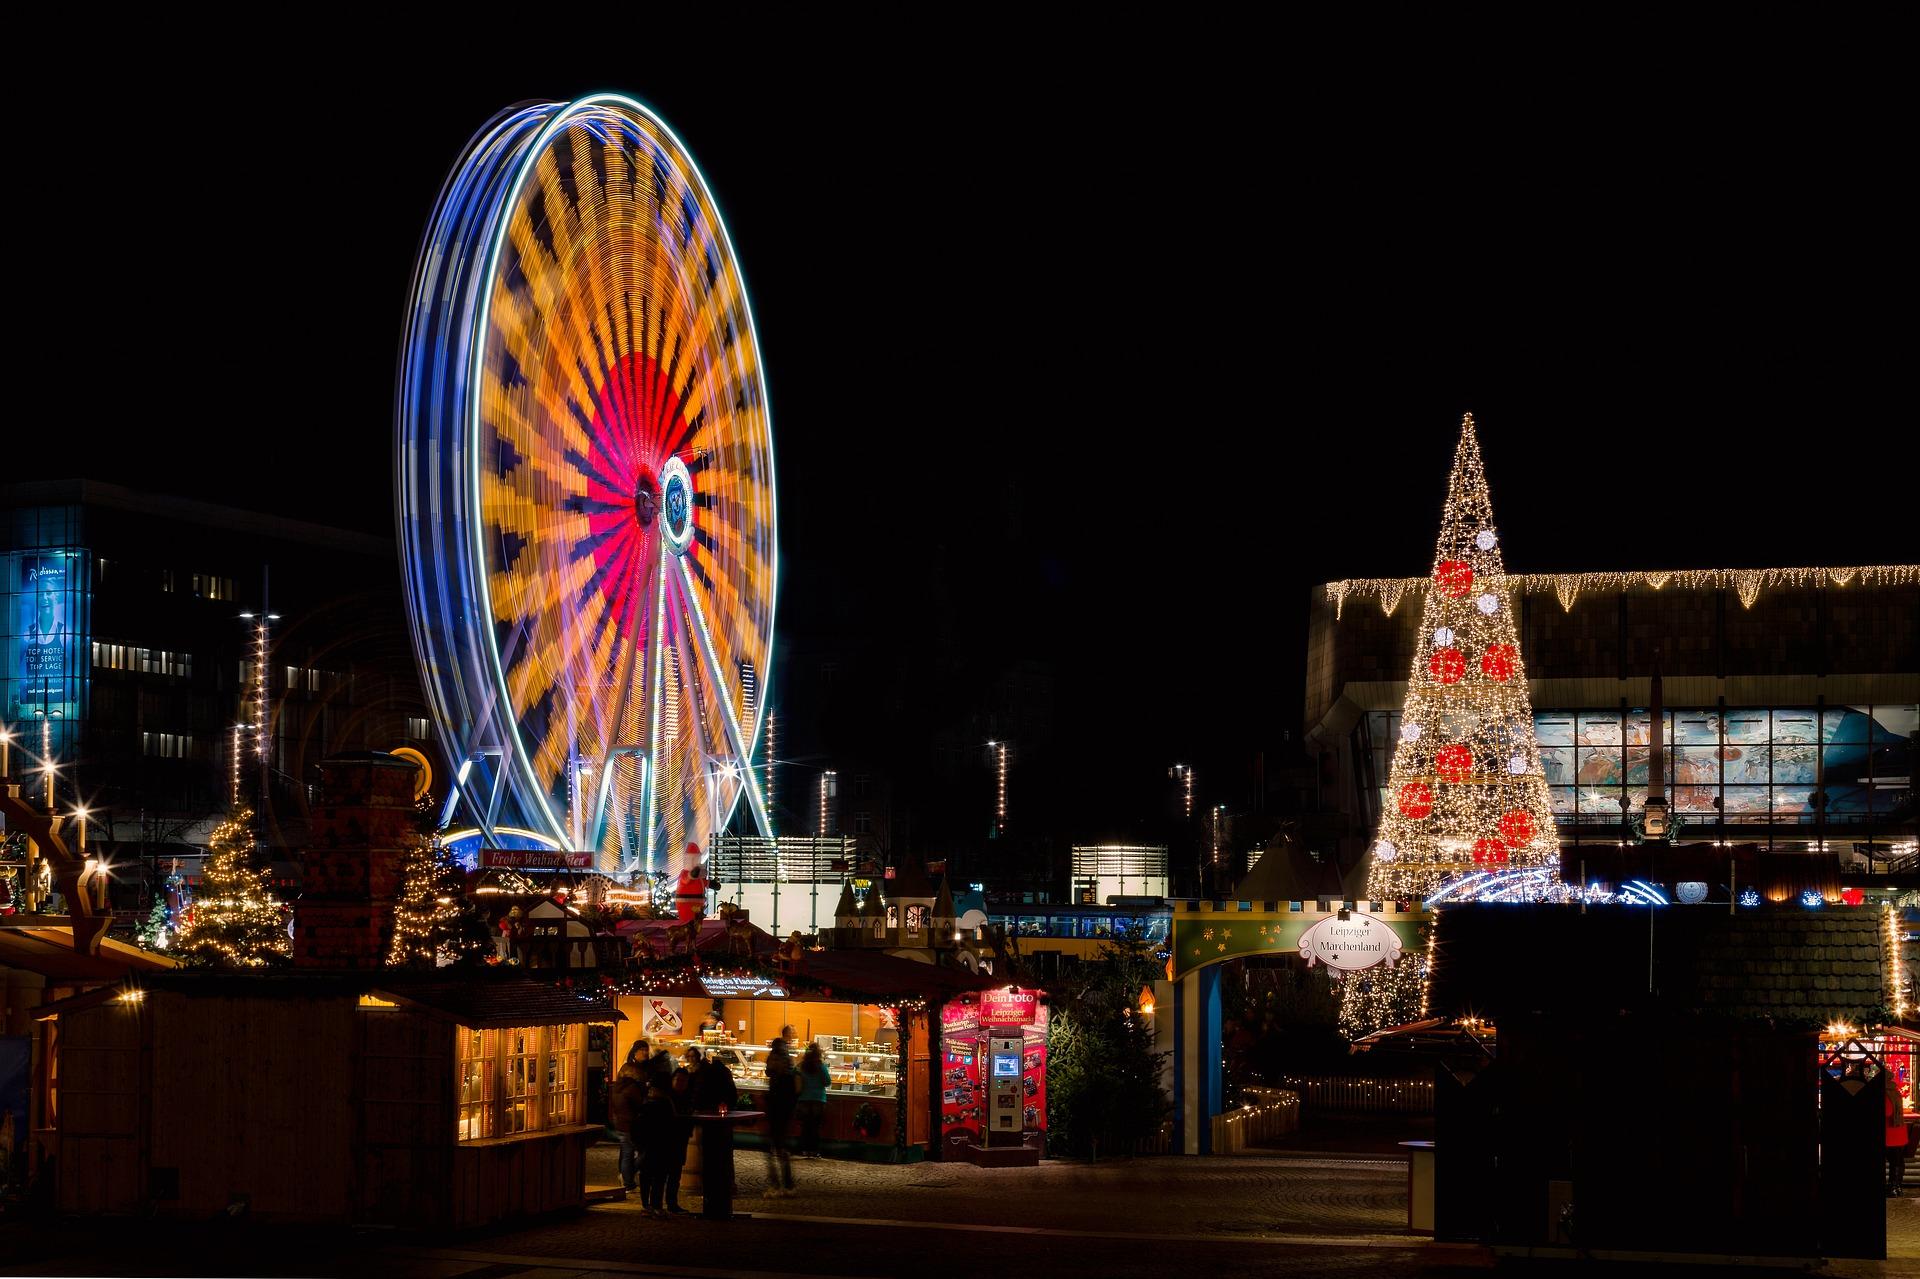 Leipziger Weihnachtsmarkt.Der Leipziger Weihnachtsmarkt Ladt Zum Entdecken Und